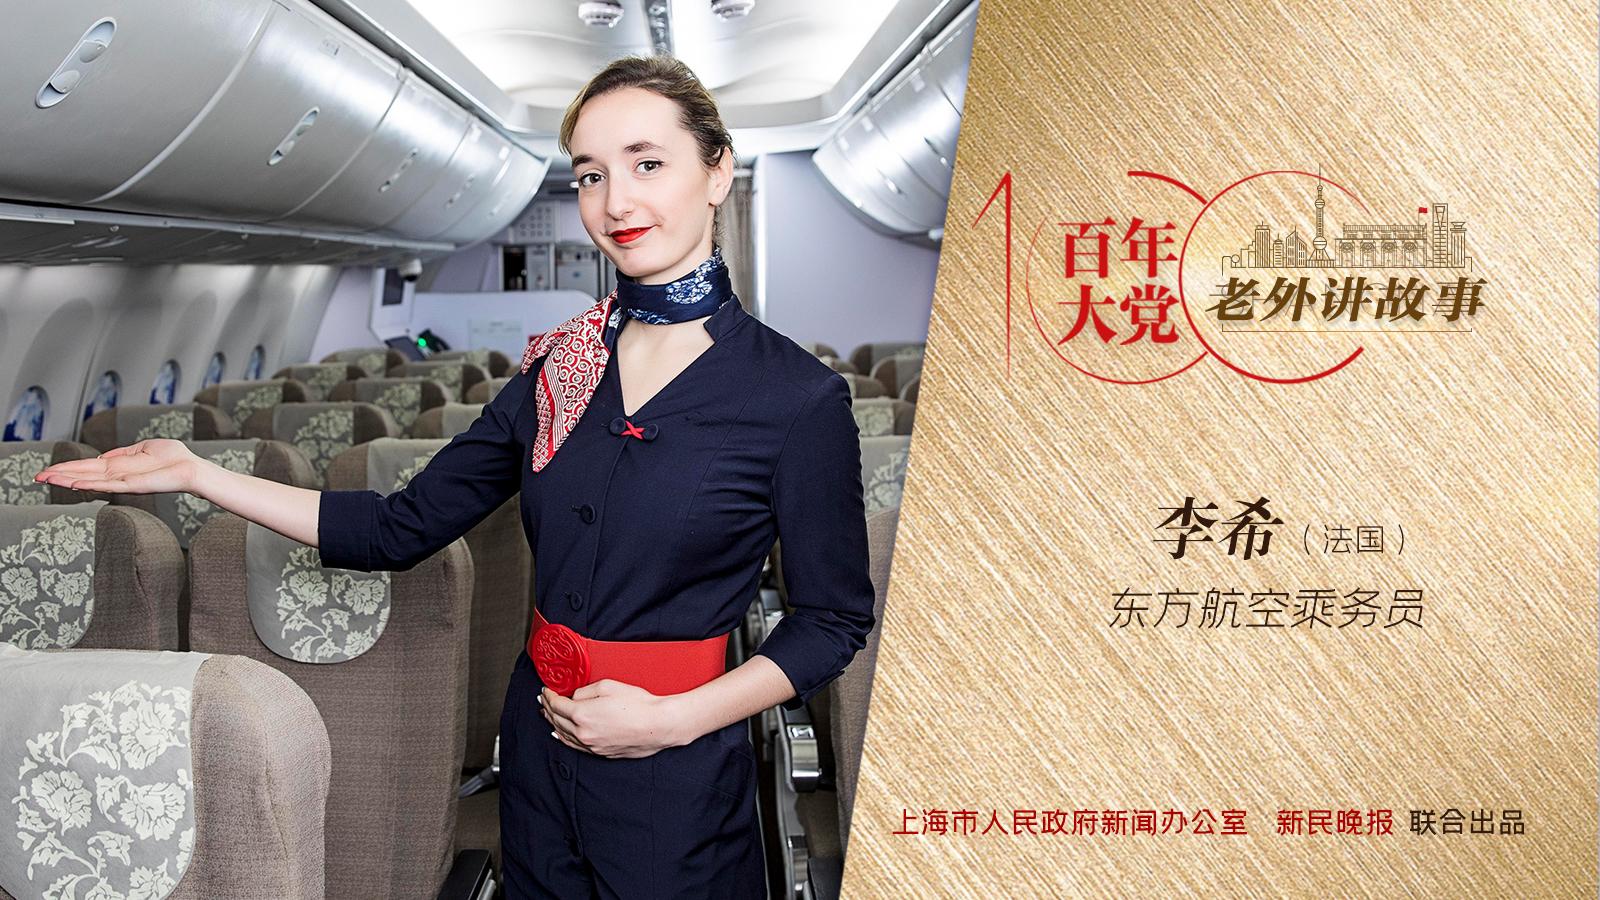 李希:我在乐动体育做空姐,见证中法距离越来越近   百年大党-老外讲故事(12)